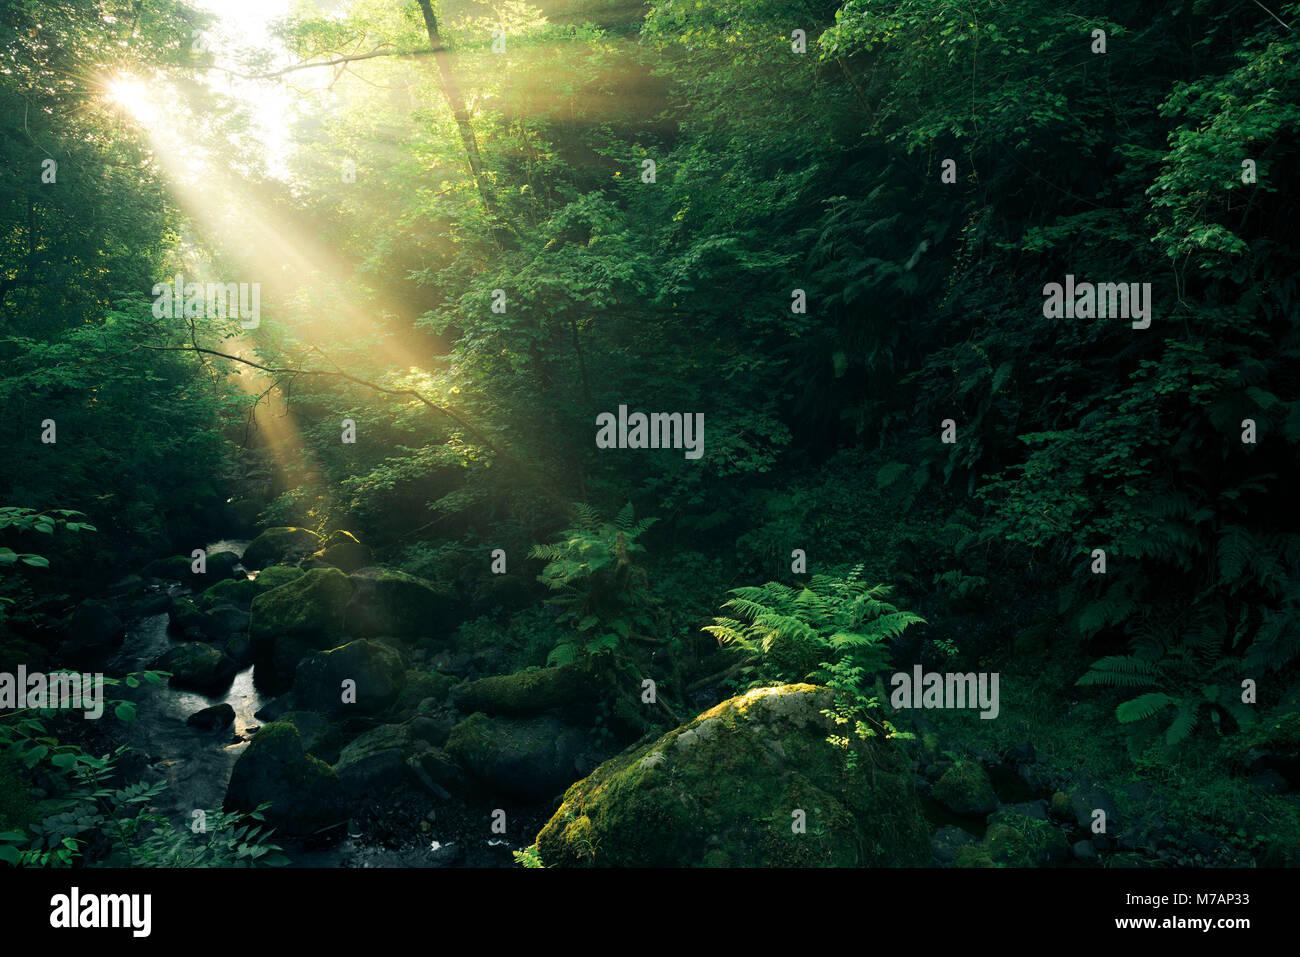 Foresta con corsi d'acqua e raggi di Dio al Cranny cade, Antrim, Irlanda del Nord Immagini Stock